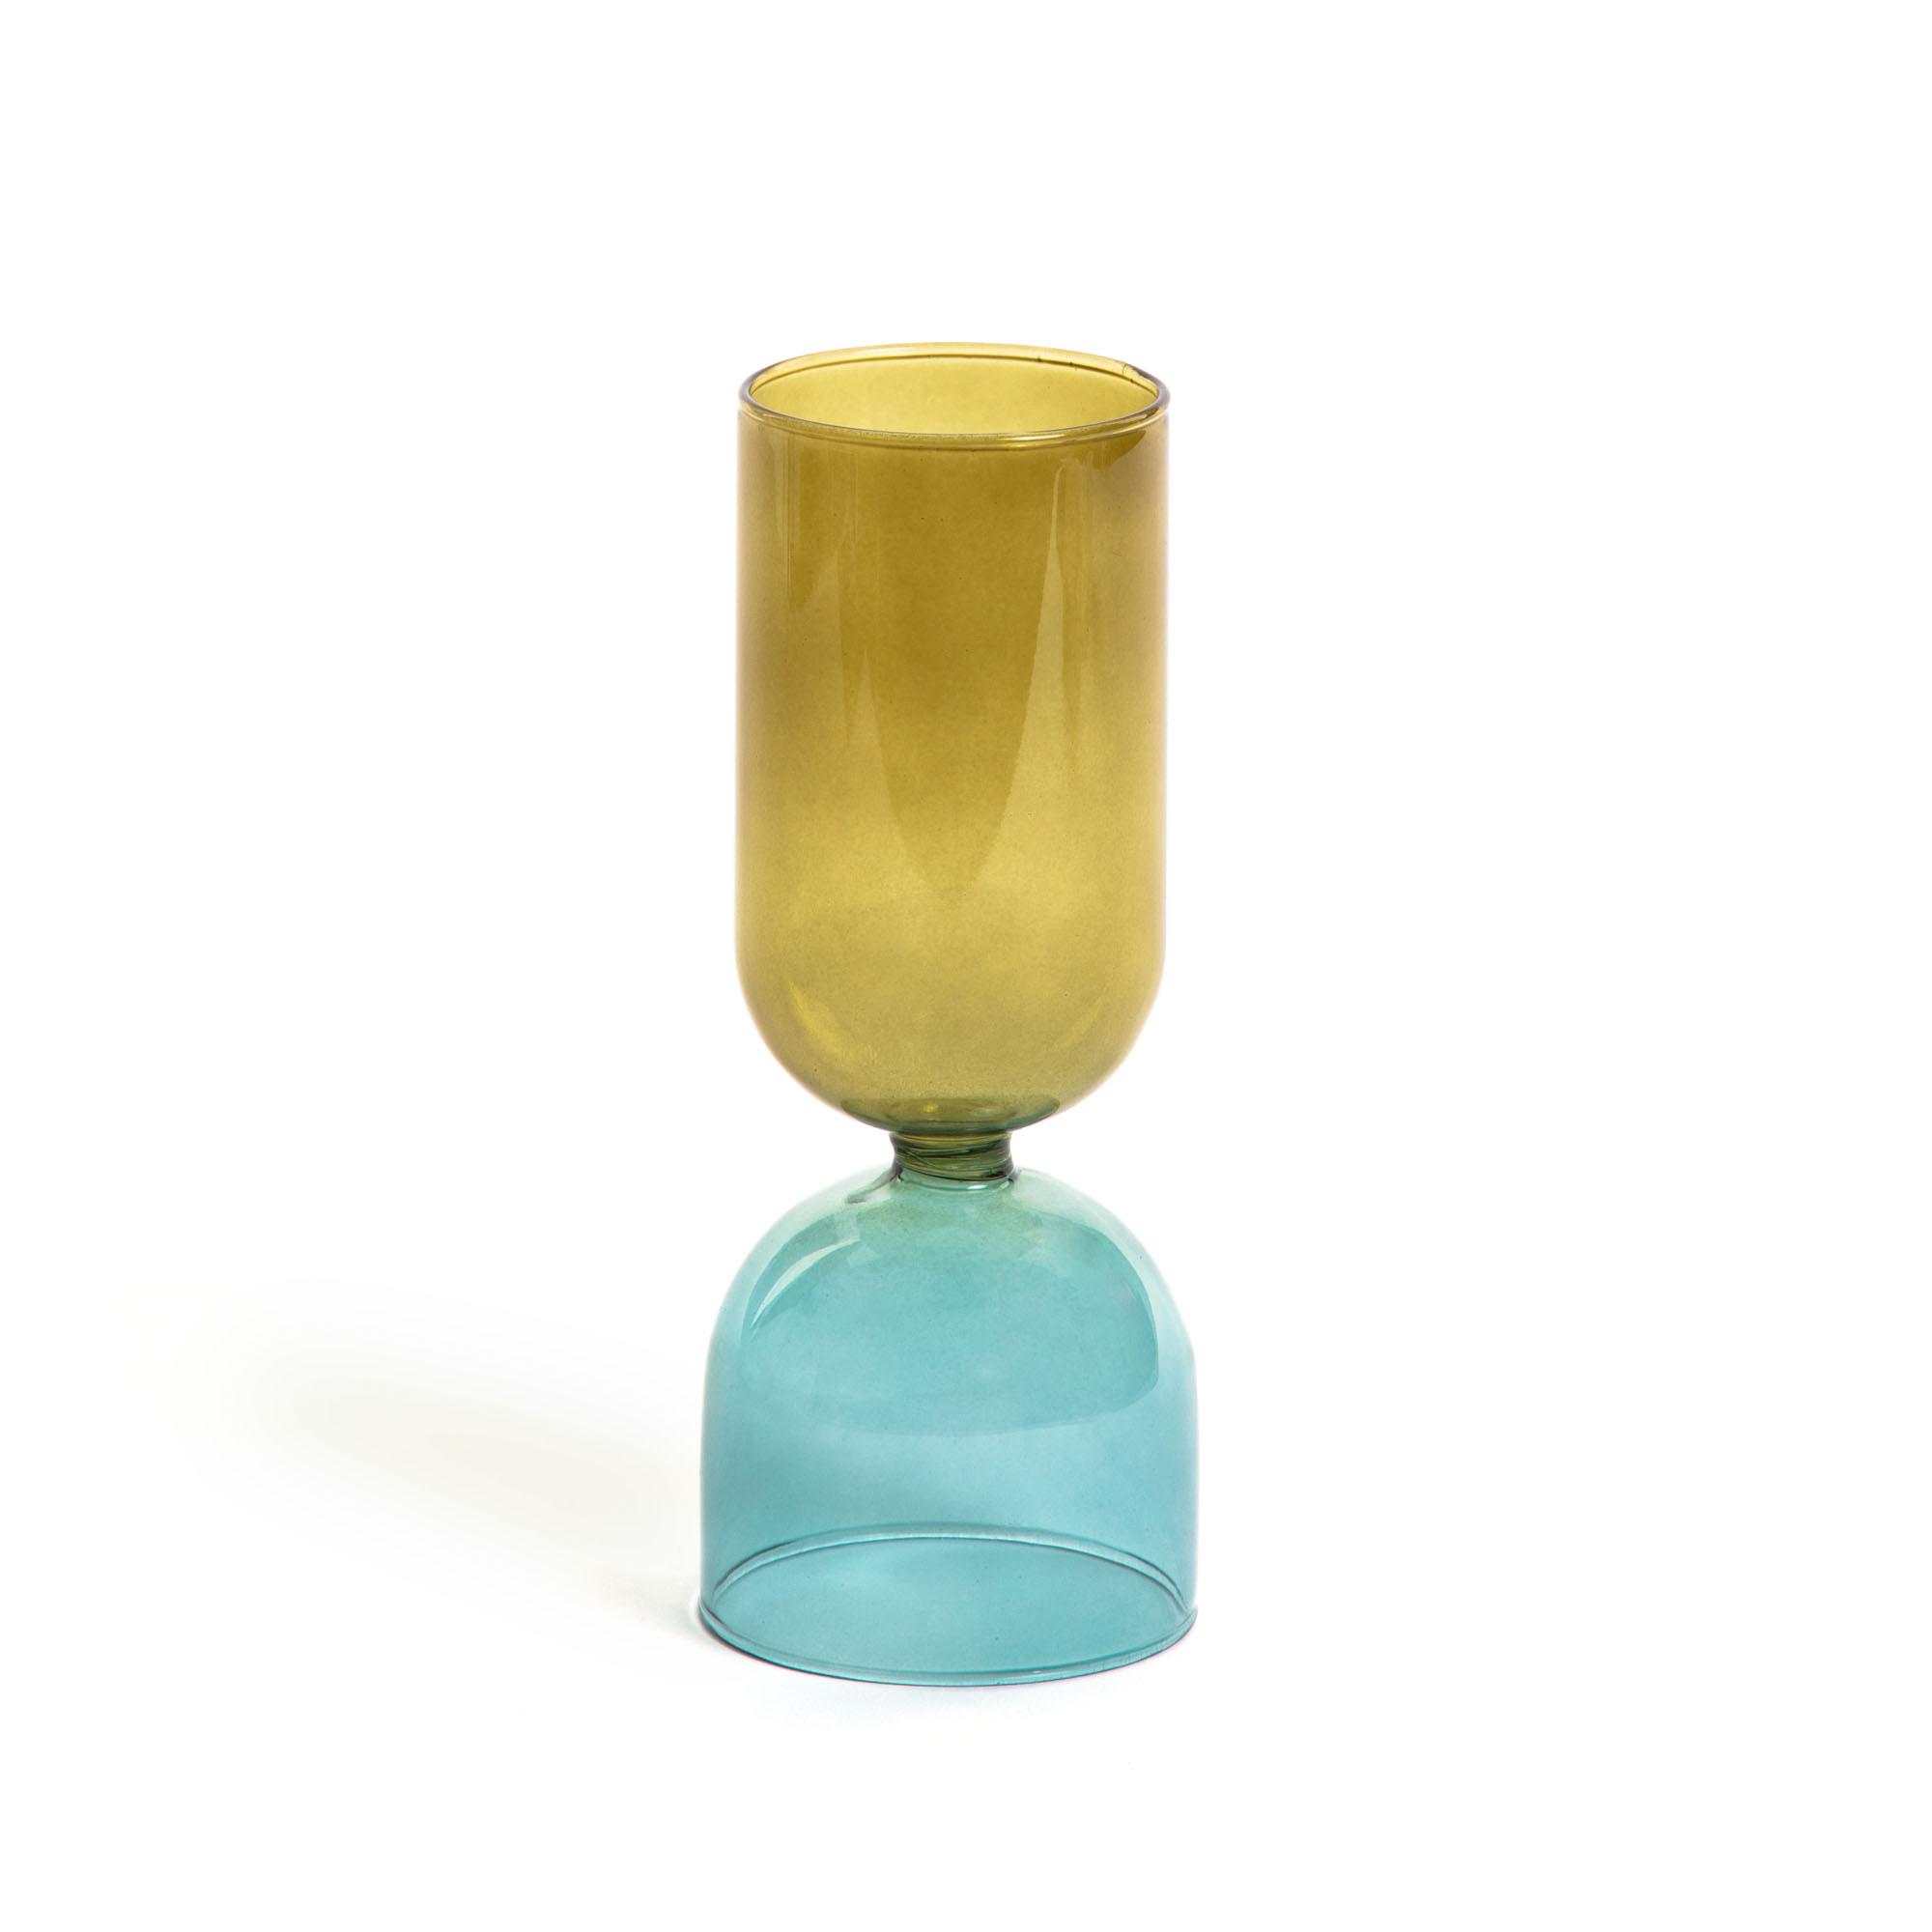 Kave home - vase dibe grand format